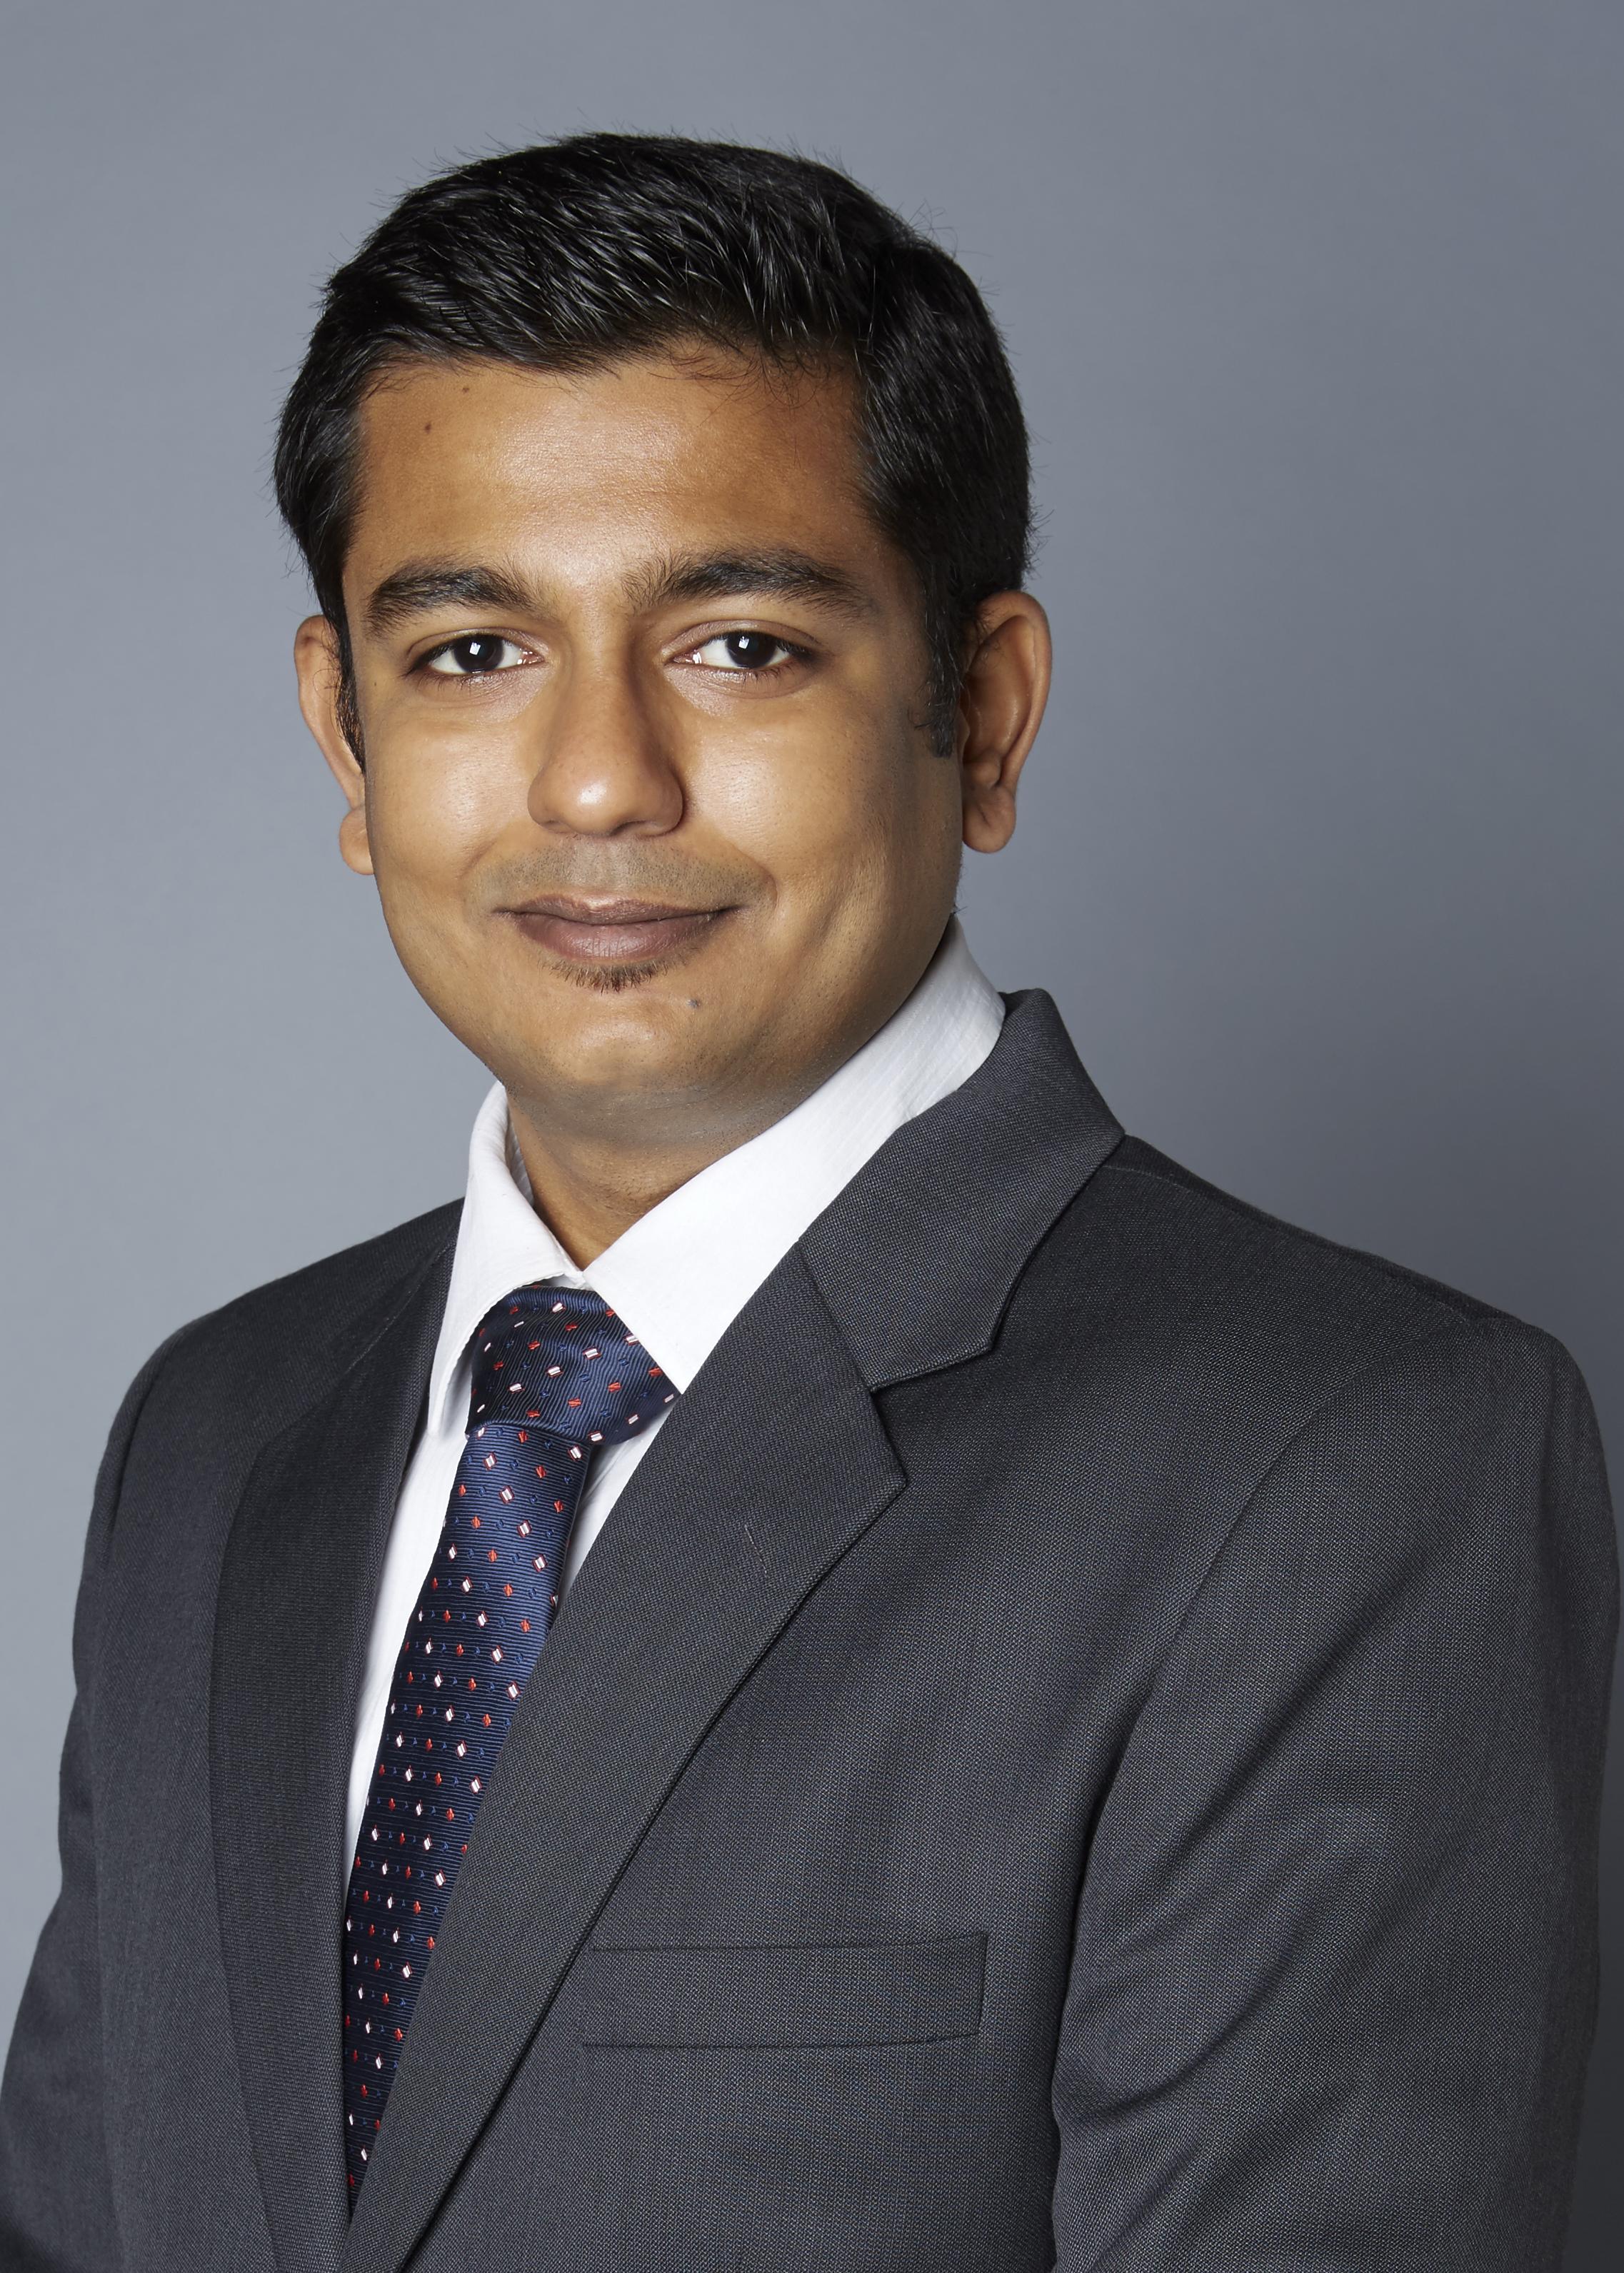 Headshot of Kalpak Sarangdhar